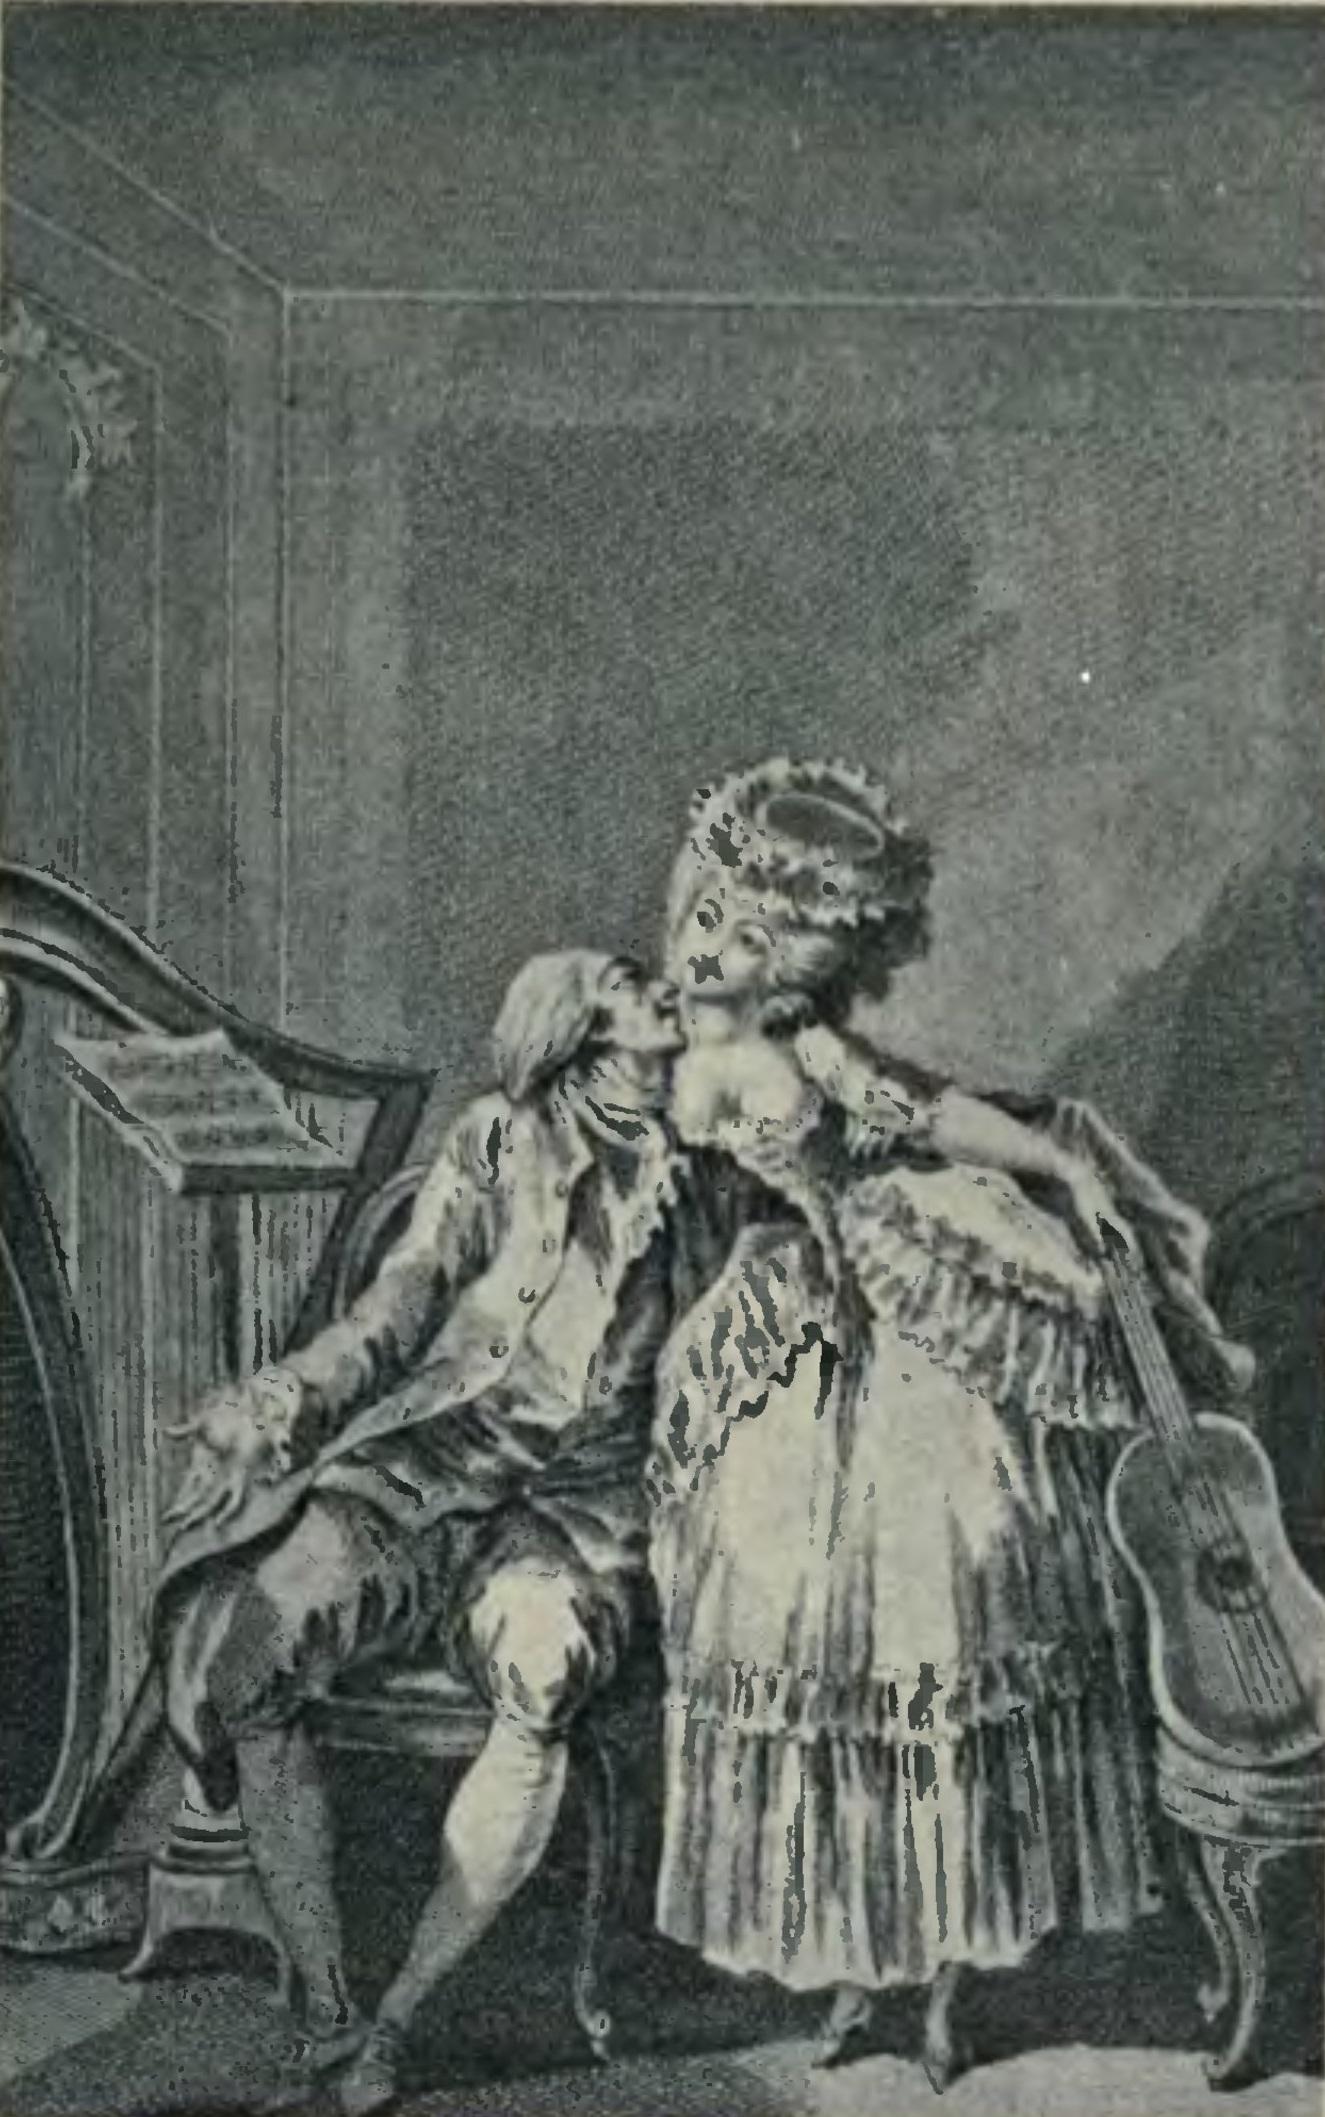 Liberscol Restif De La Bretonne : liberscol, restif, bretonne, File:Restif, Bretonne, Dernière, Aventure, Homme, Quarante-cinq, D'Alméras.djvu(p.183).jpg, Wikimedia, Commons